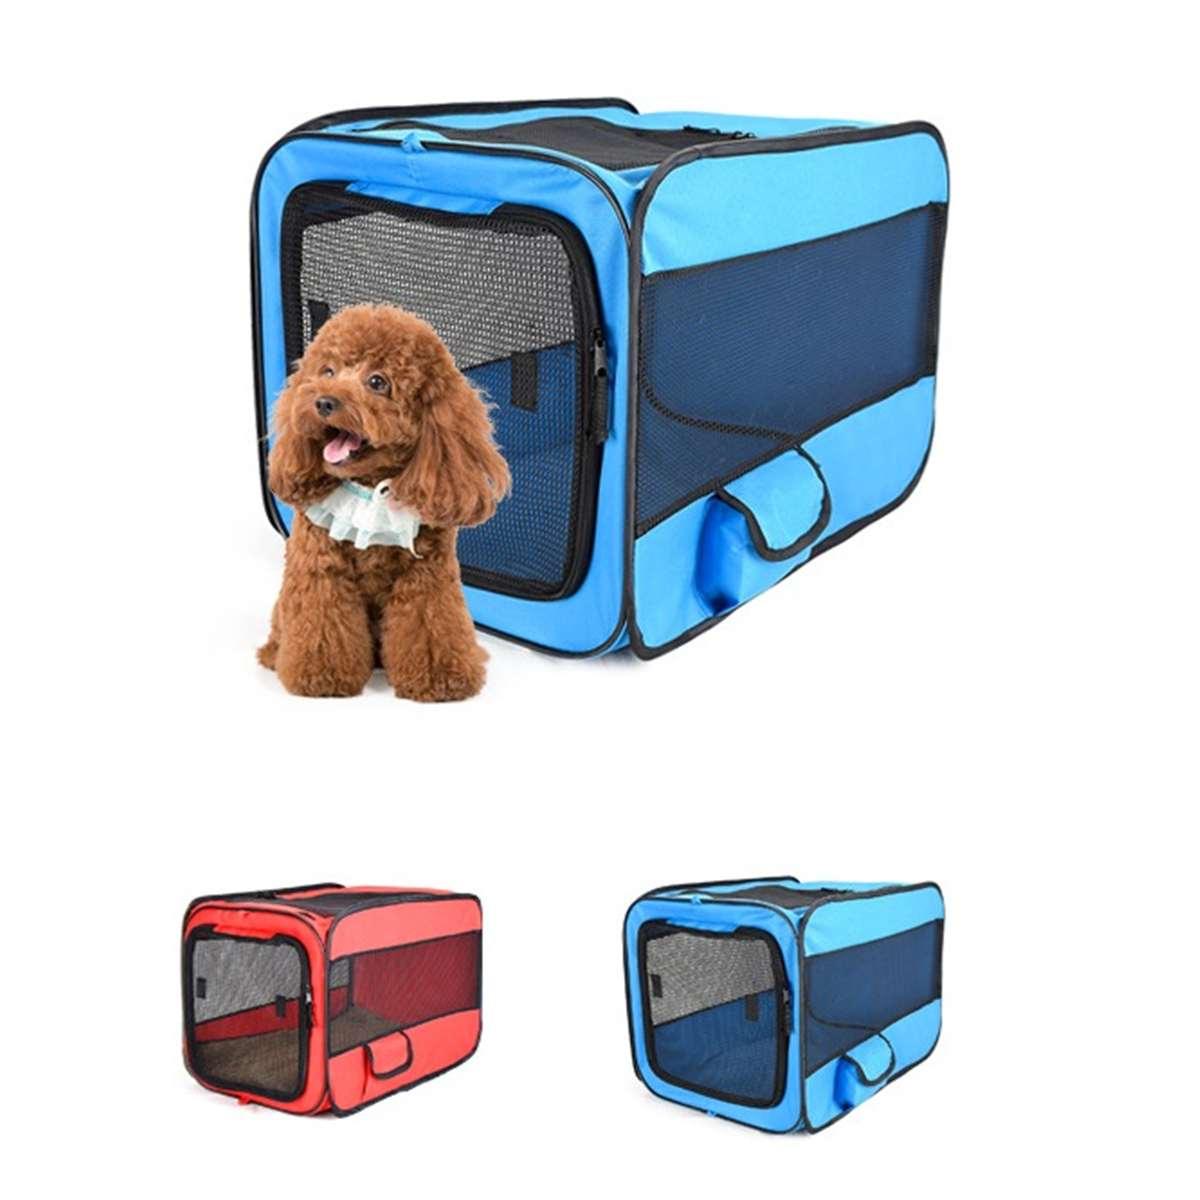 Portable pliant Pet tente 600D Oxford chien maison Cage chien chat tente parc chiot chenil opération facile octogonale clôture chien maisons